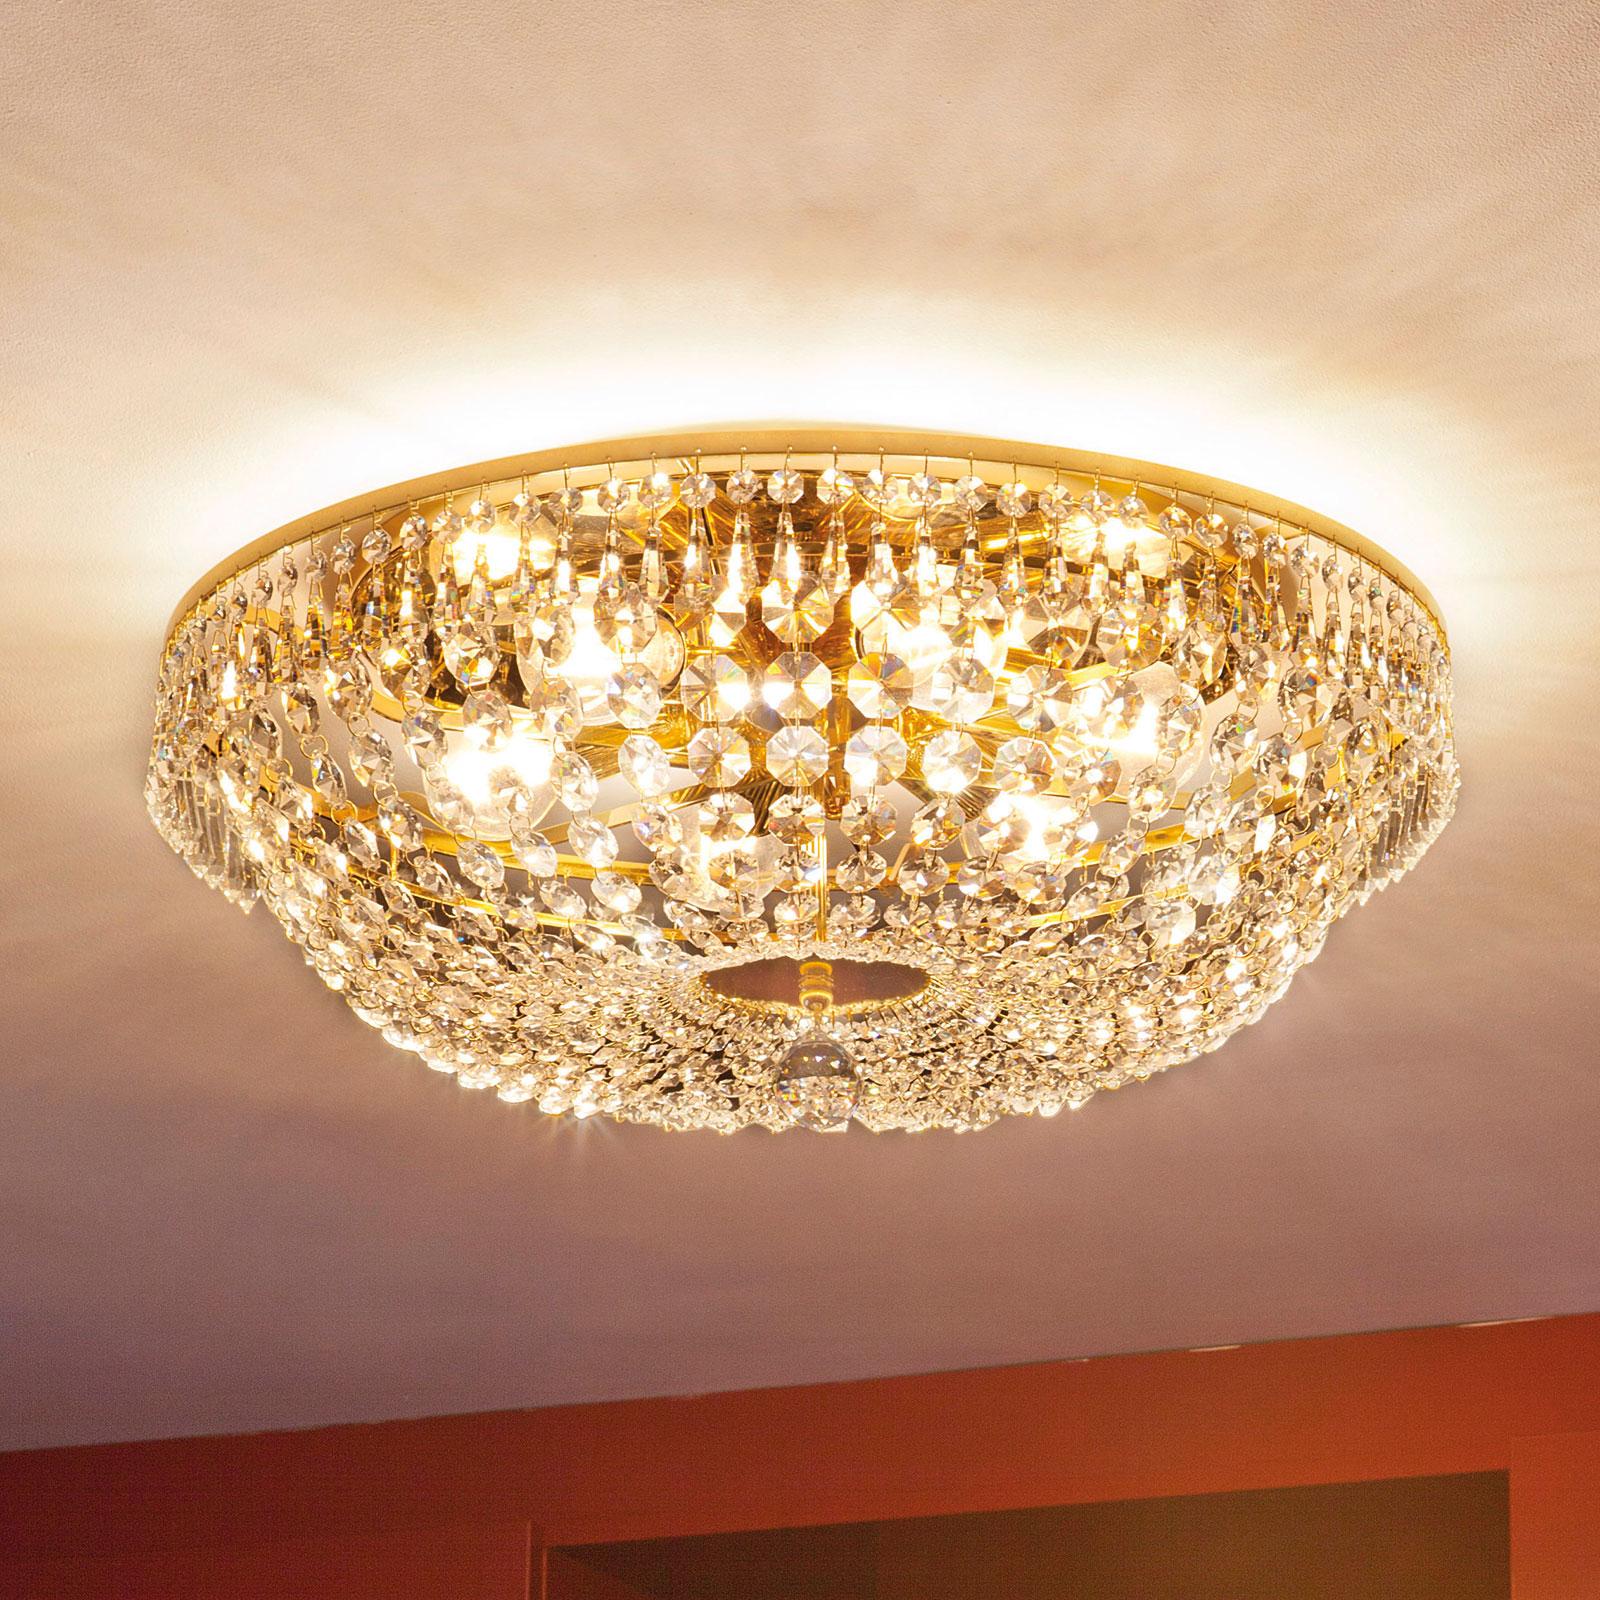 Kryształowa lampa sufitowa SHERATA śr. 55 cm złota